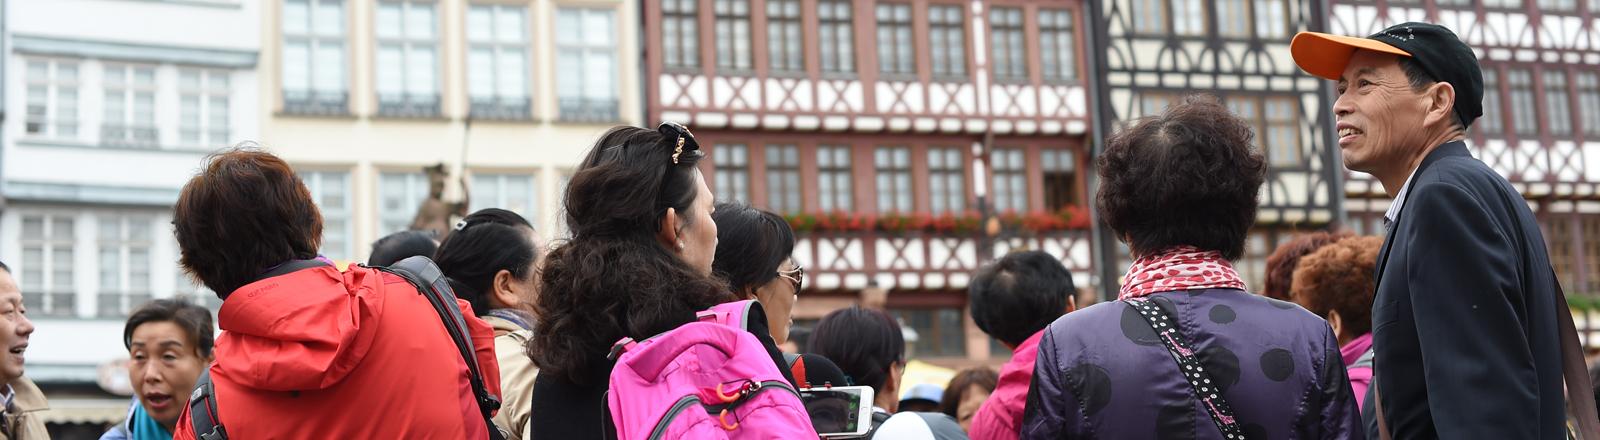 Ein Gruppe chinesischer Touristen besichtigt am 23.06.2015 den Römerberg in Frankfurt am Main (Hessen) mit seinen Fachwerkhäusern.